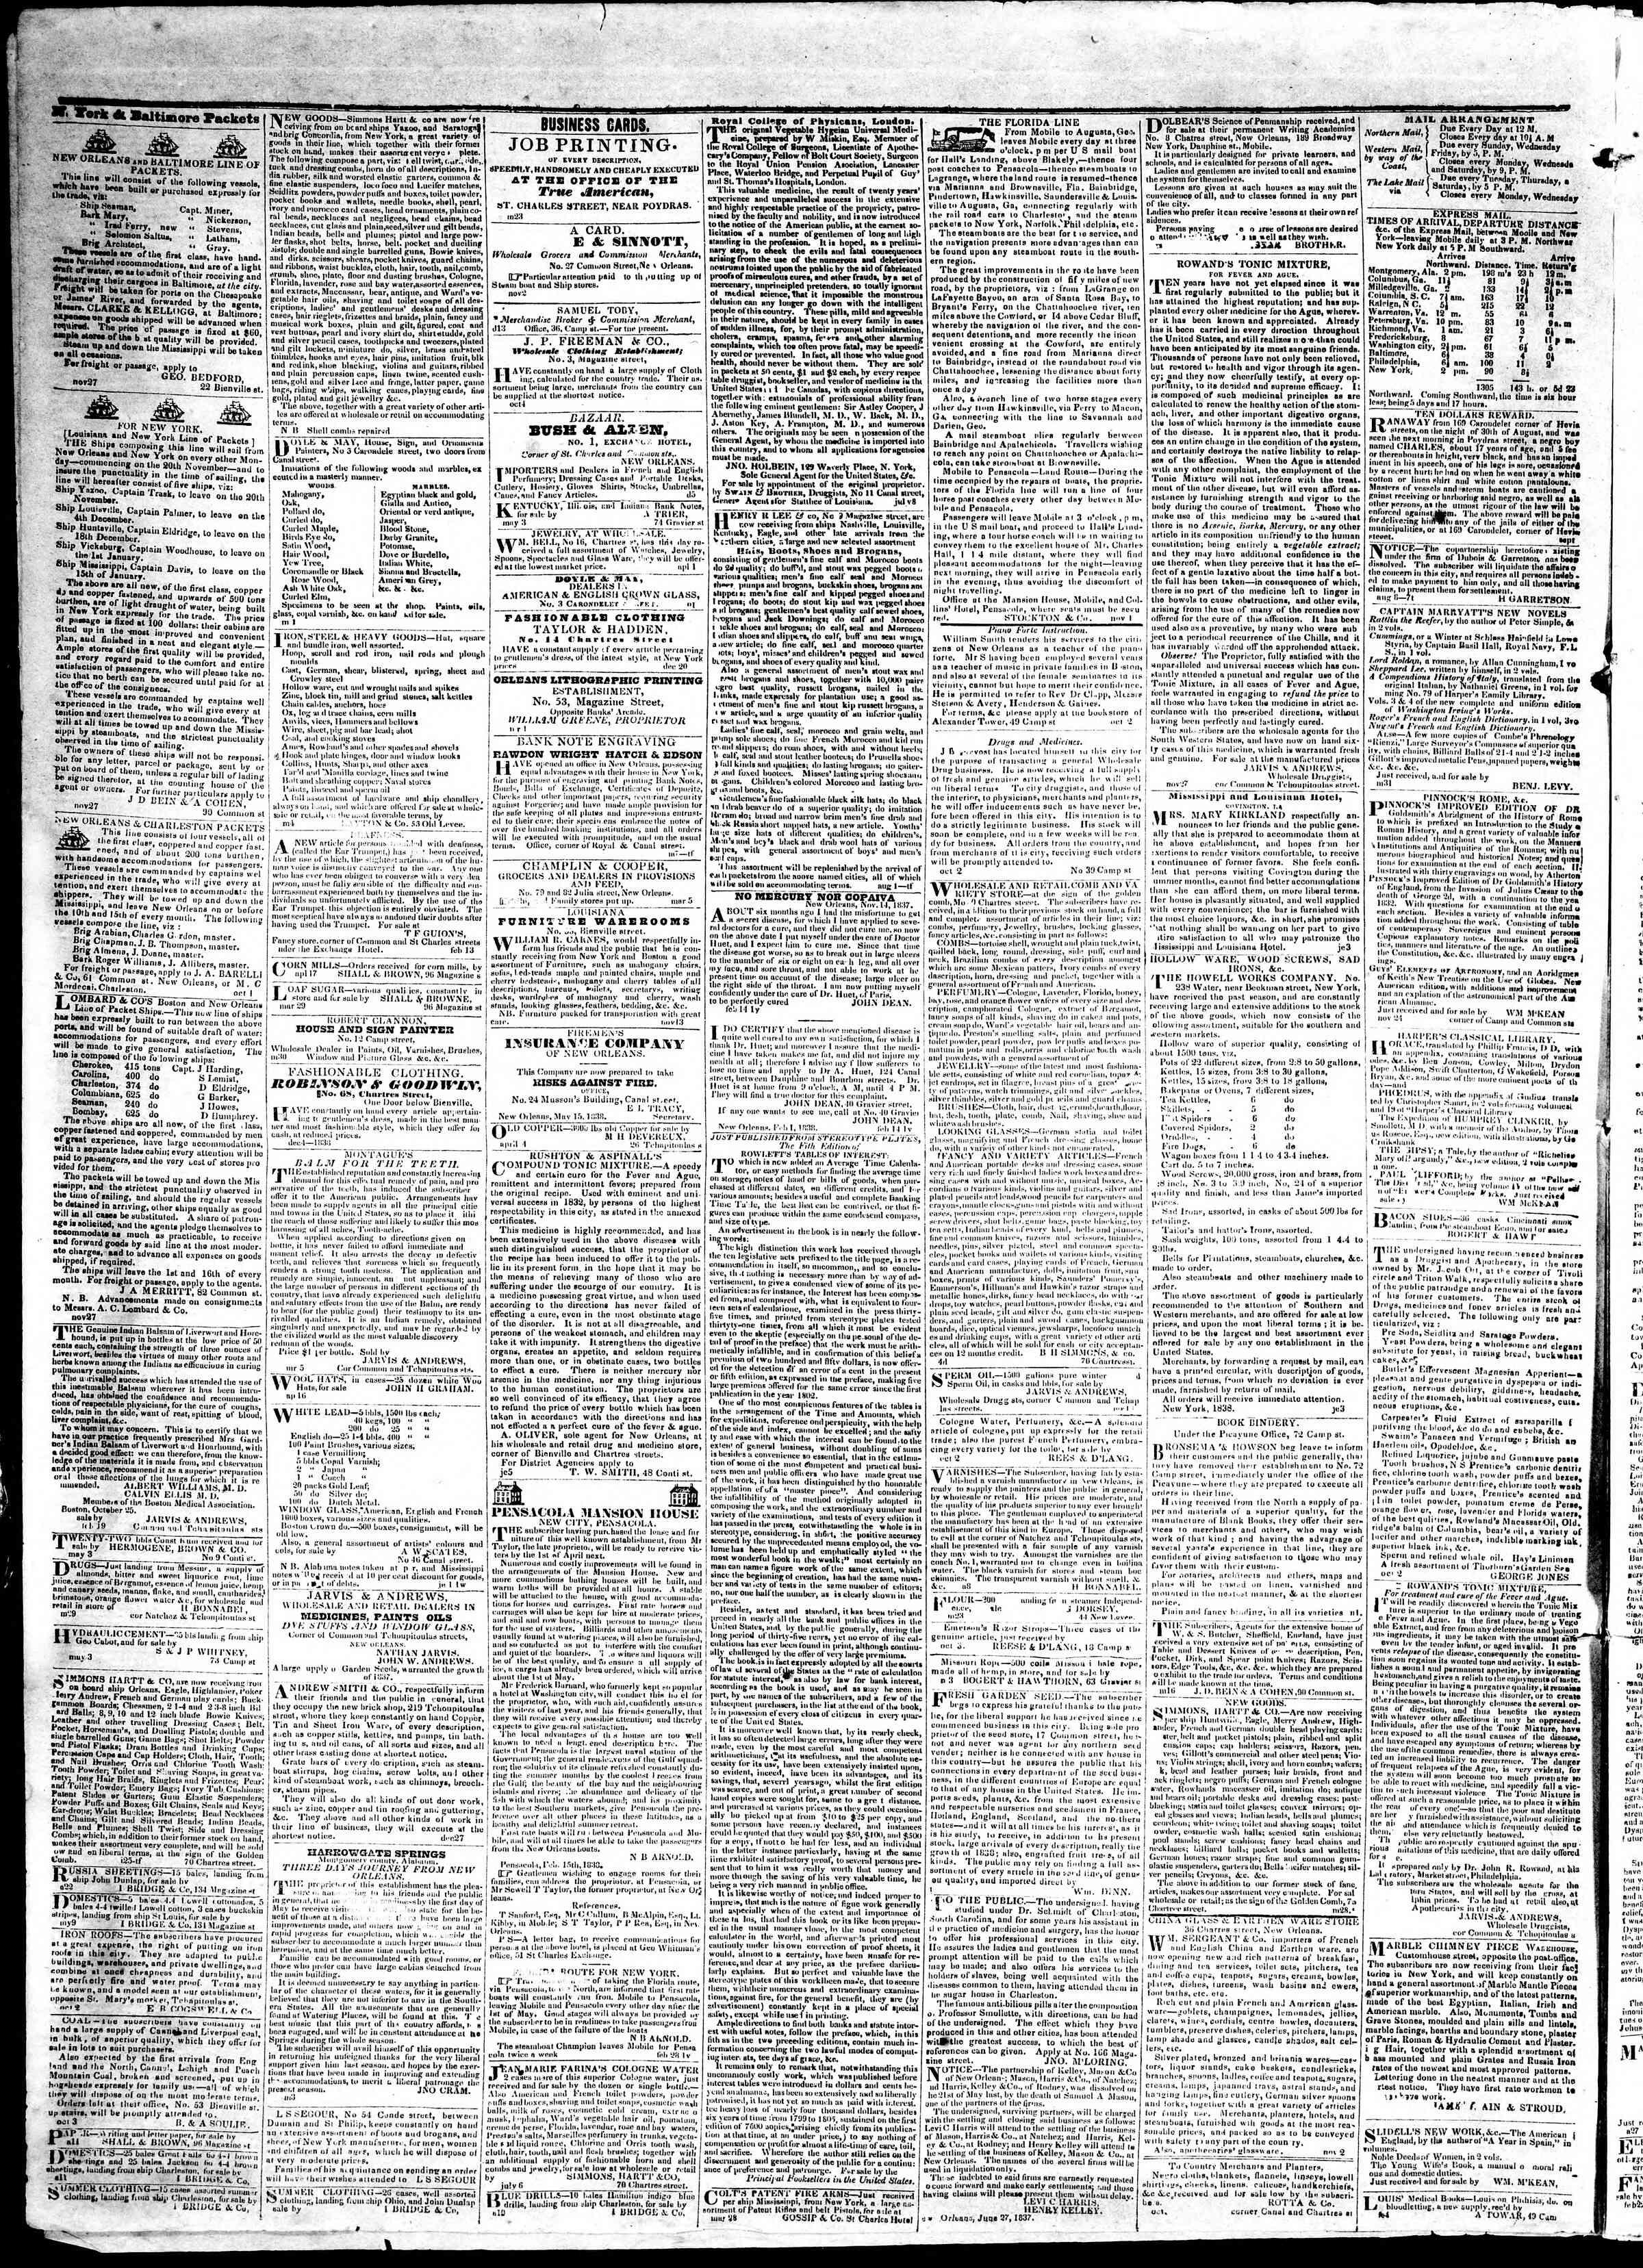 May 21, 1839 Tarihli True American Gazetesi Sayfa 4